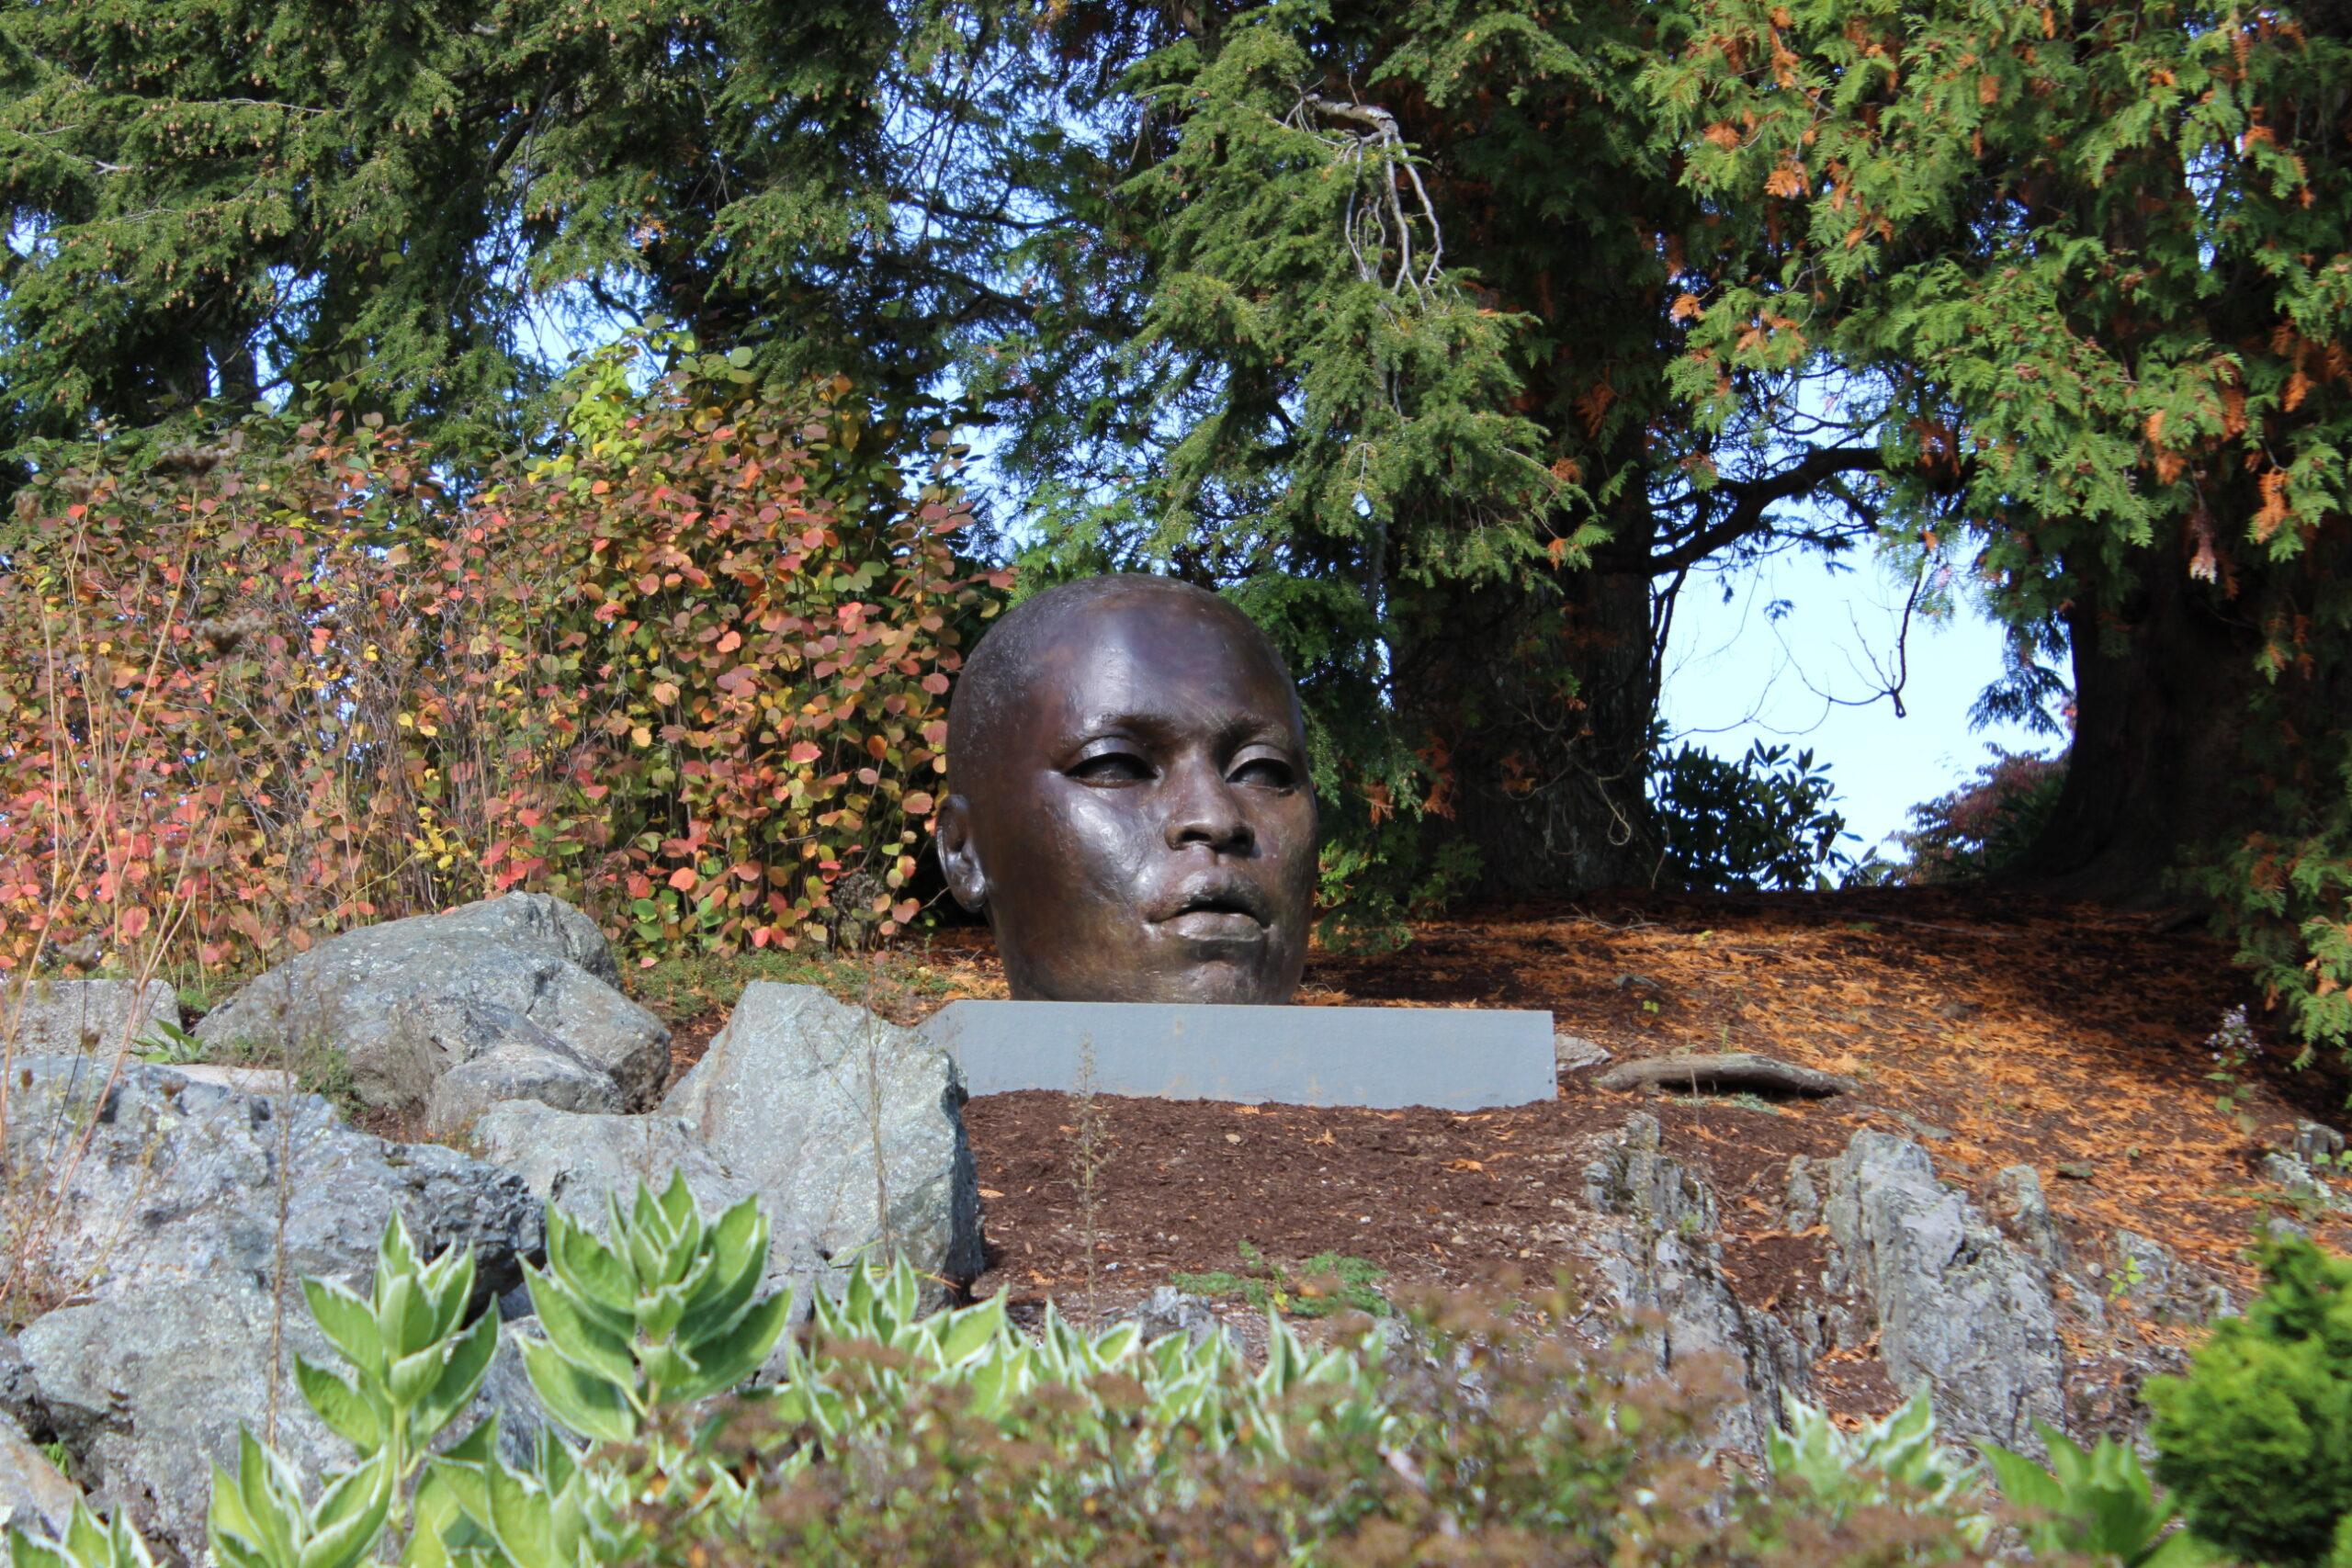 a bronze statute of a head